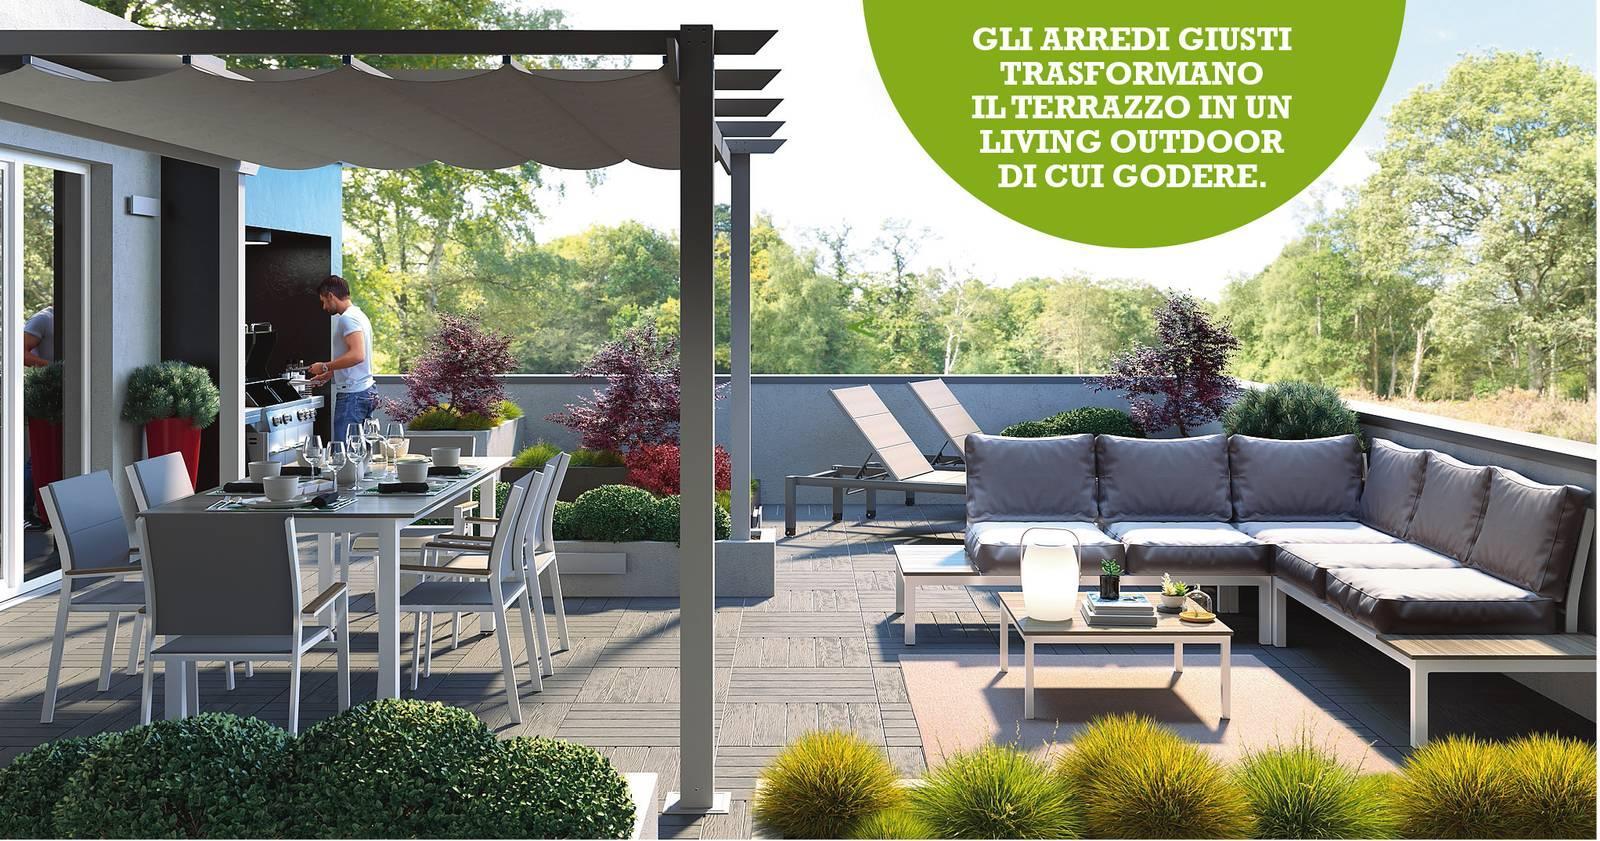 Arredi per l'esterno: rinnovare terrazzo e giardino Cose